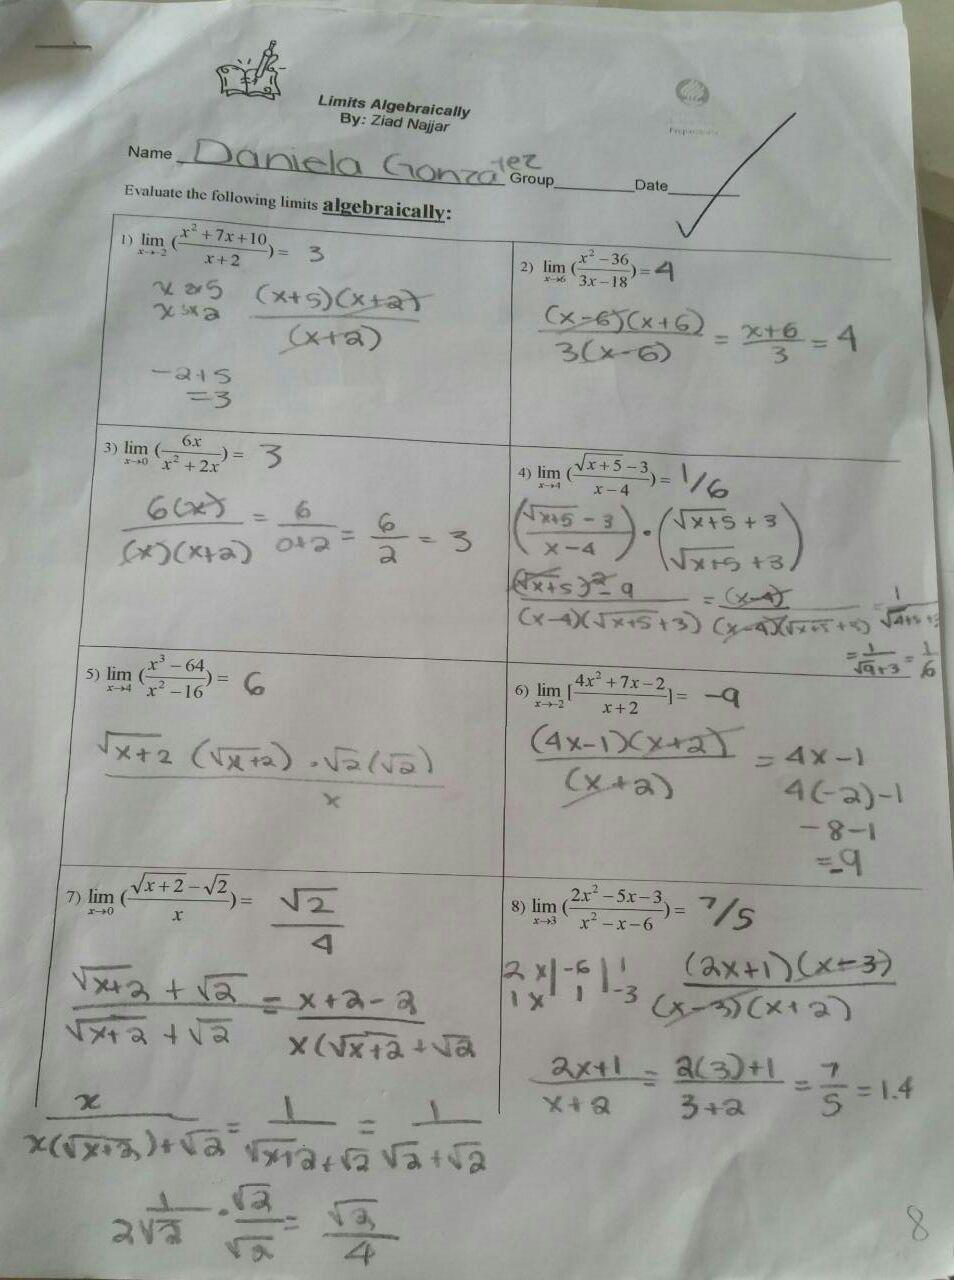 Limits Algebraically